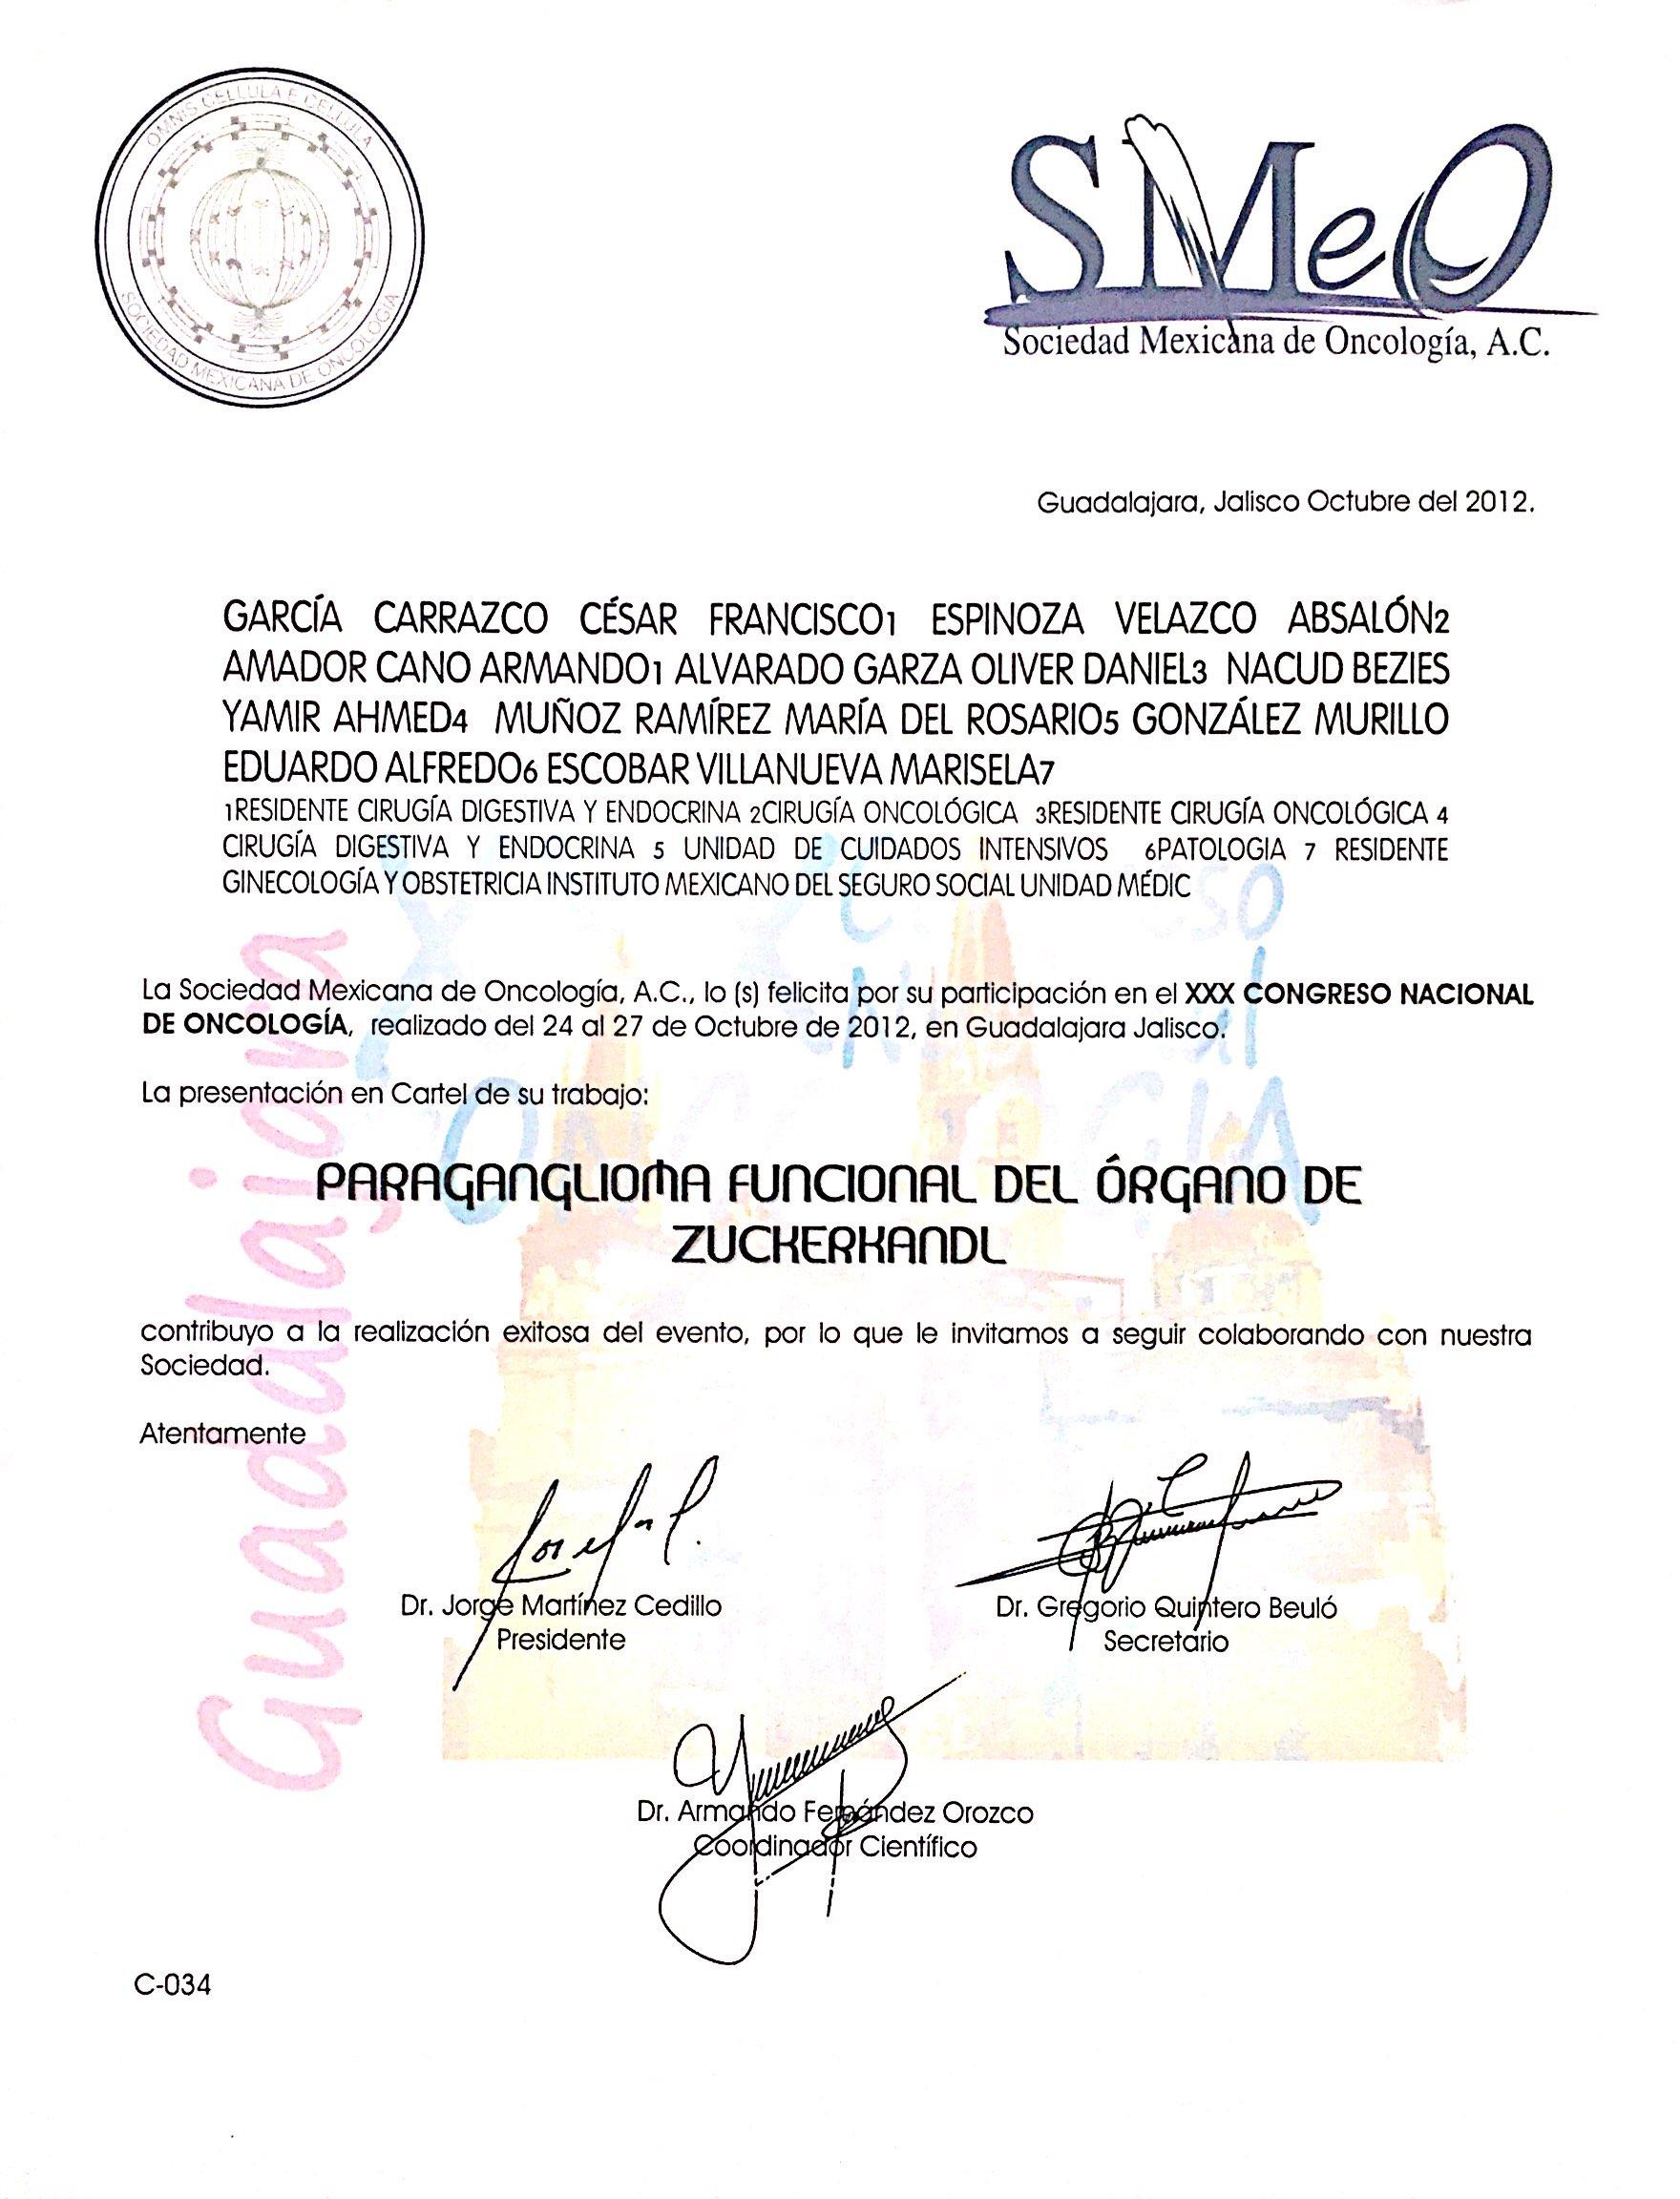 Dr. Garcia Carrazco_7